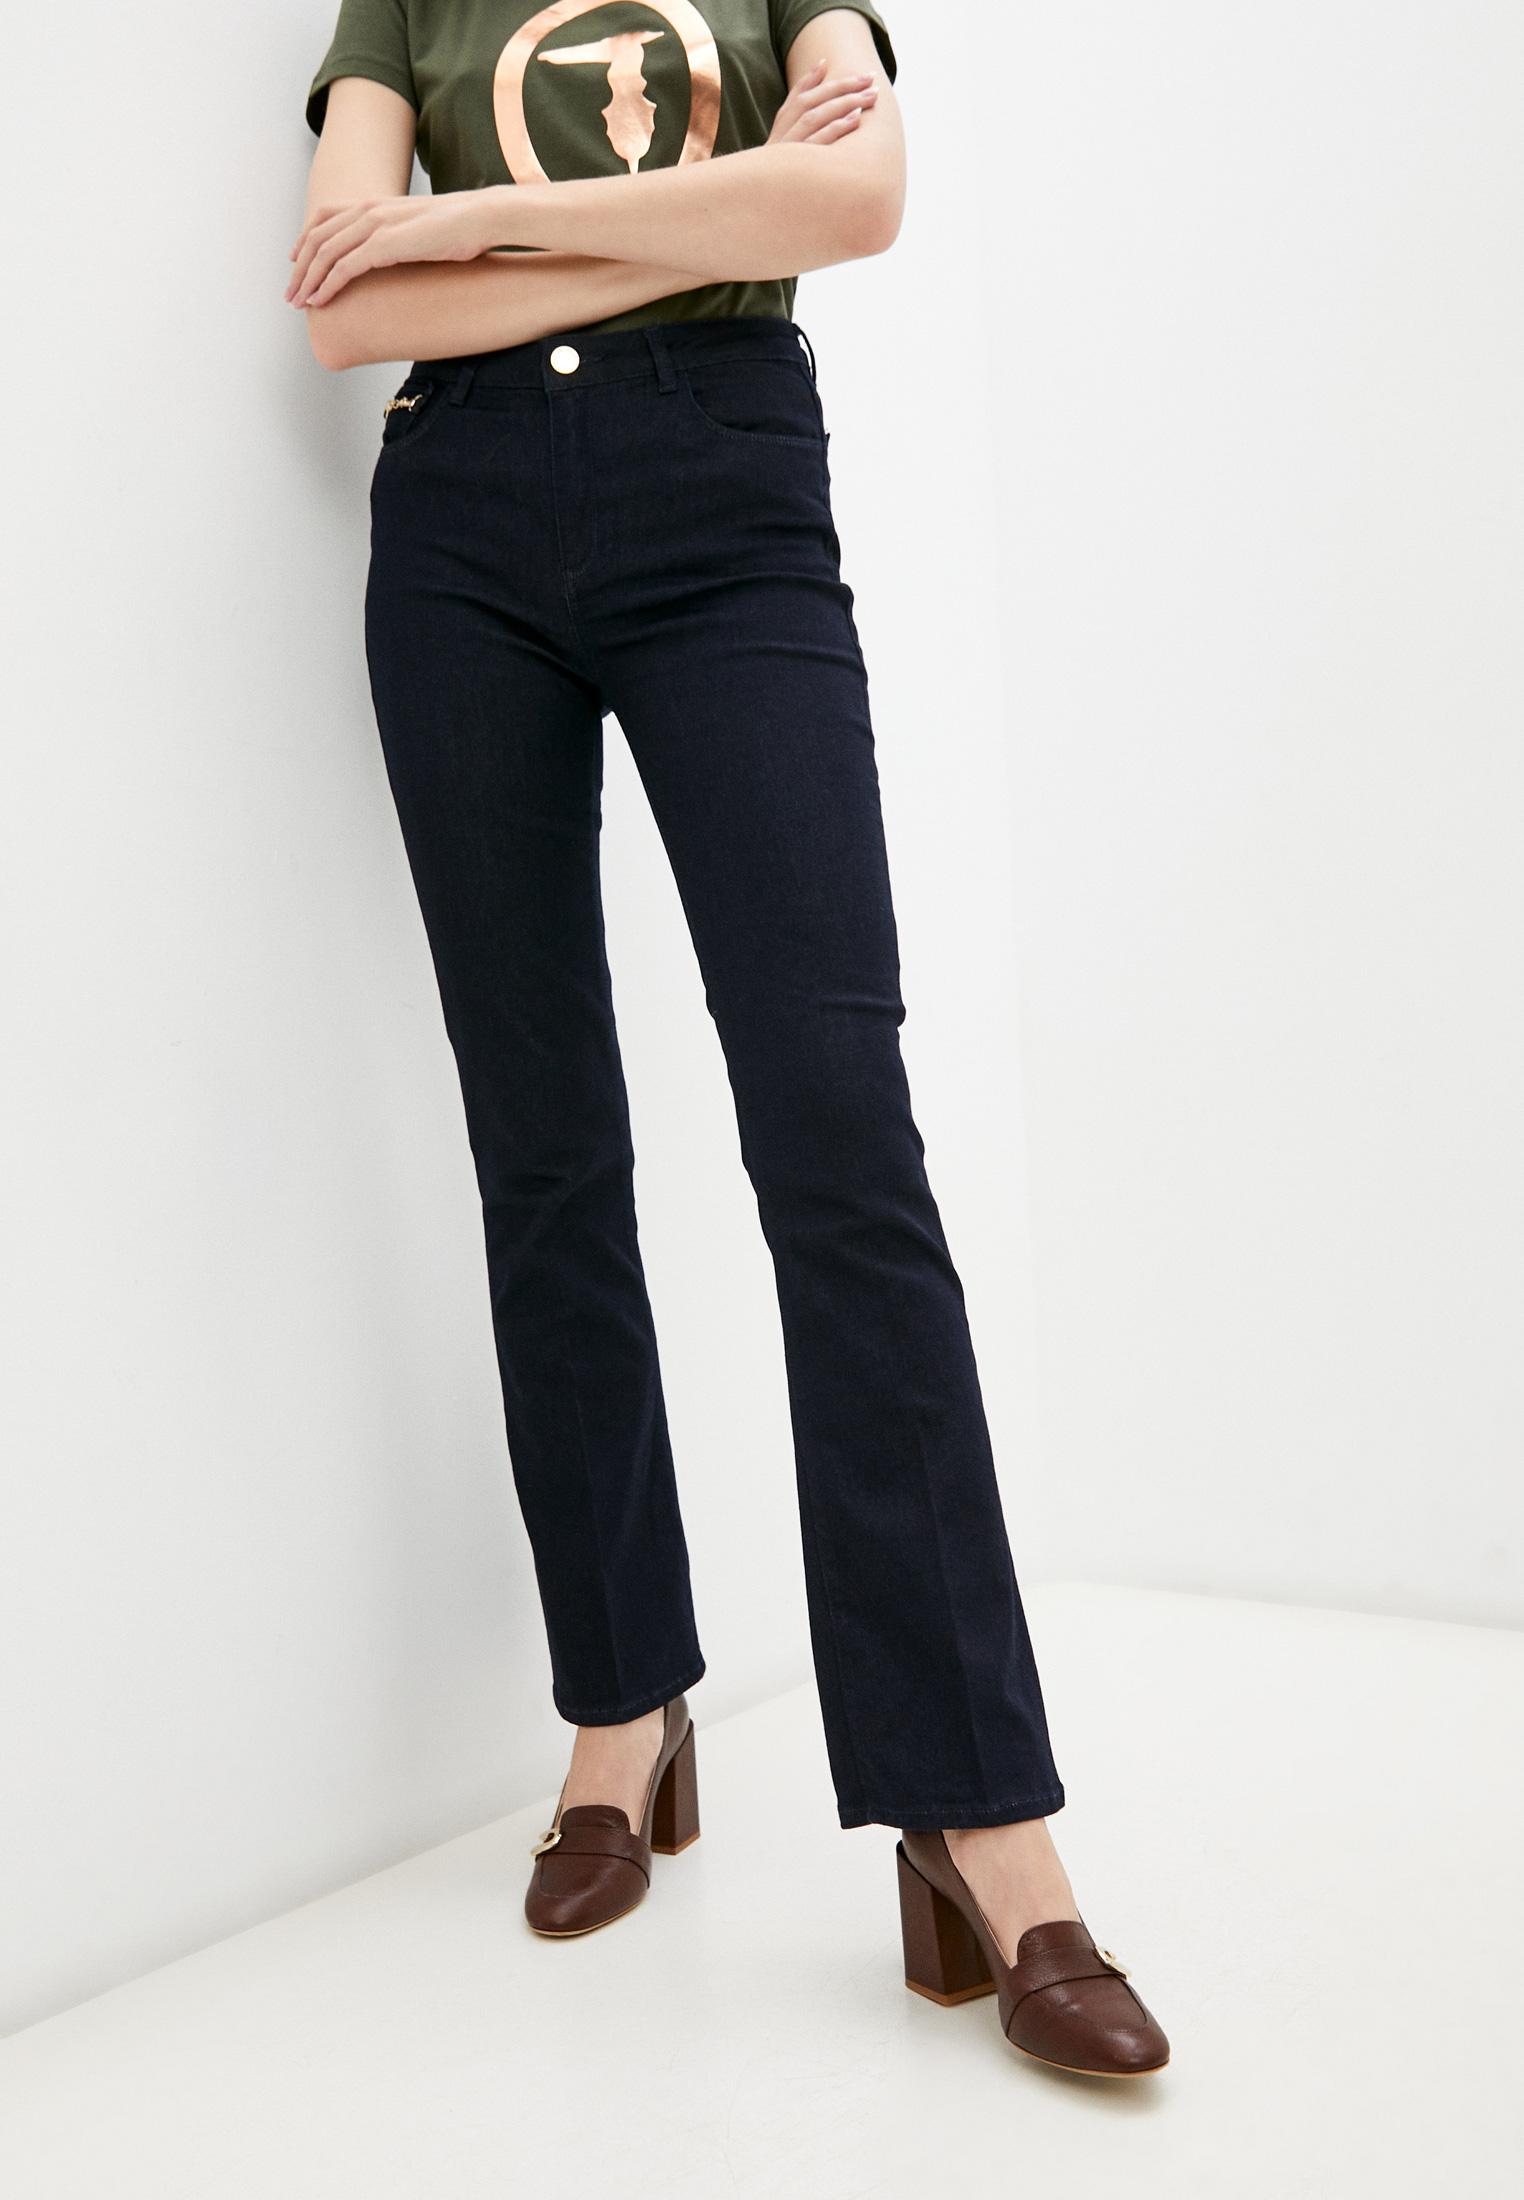 Широкие и расклешенные джинсы Trussardi (Труссарди) Джинсы Trussardi